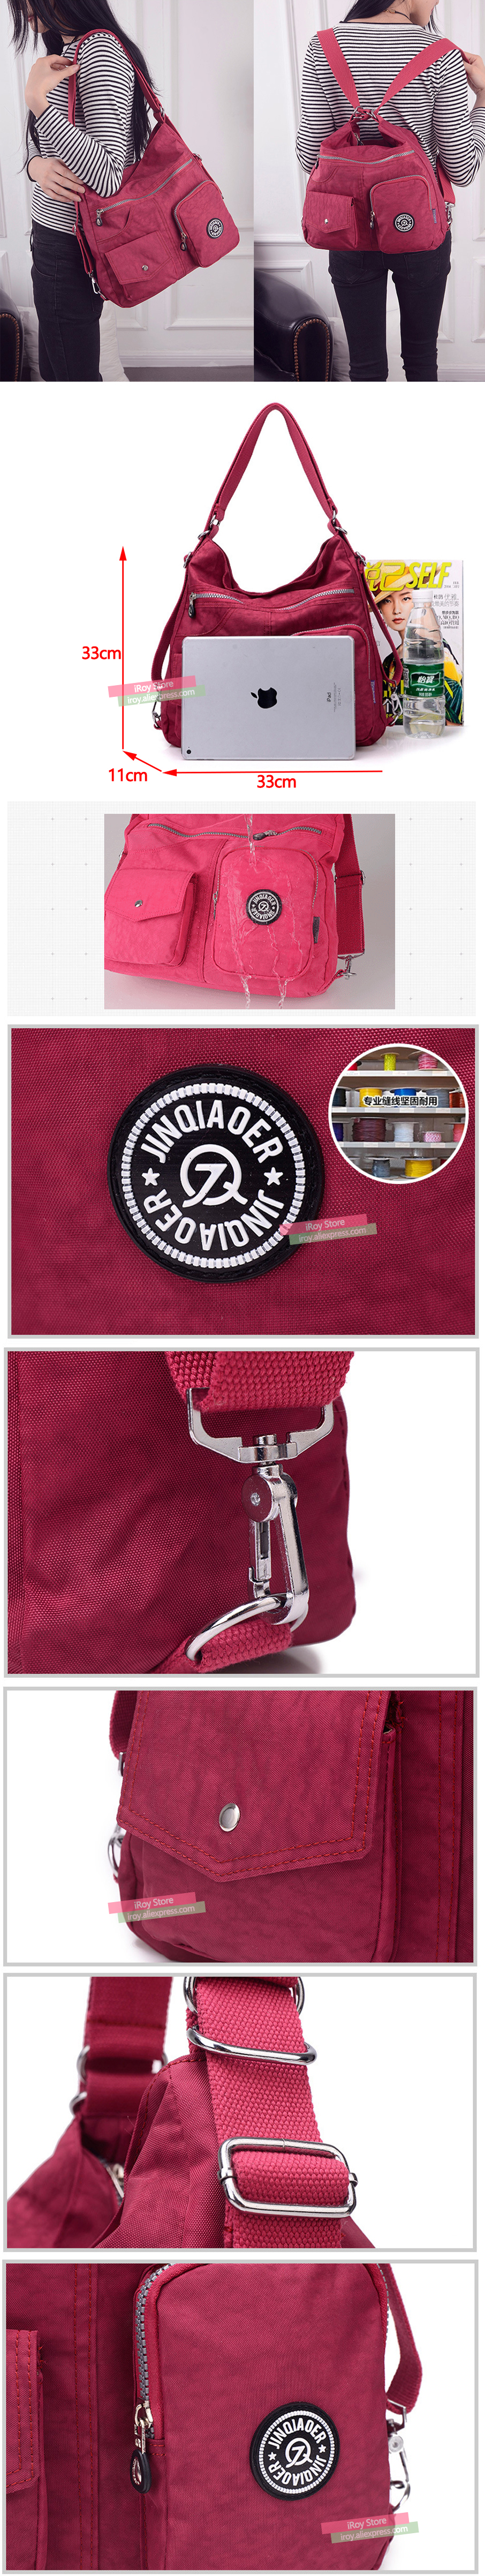 Versatile Carry Options! Fashion Women Waterproof Nylon Handbags for Ladies Hot Sale Shoulder Bags 11 Colors Hot Sale